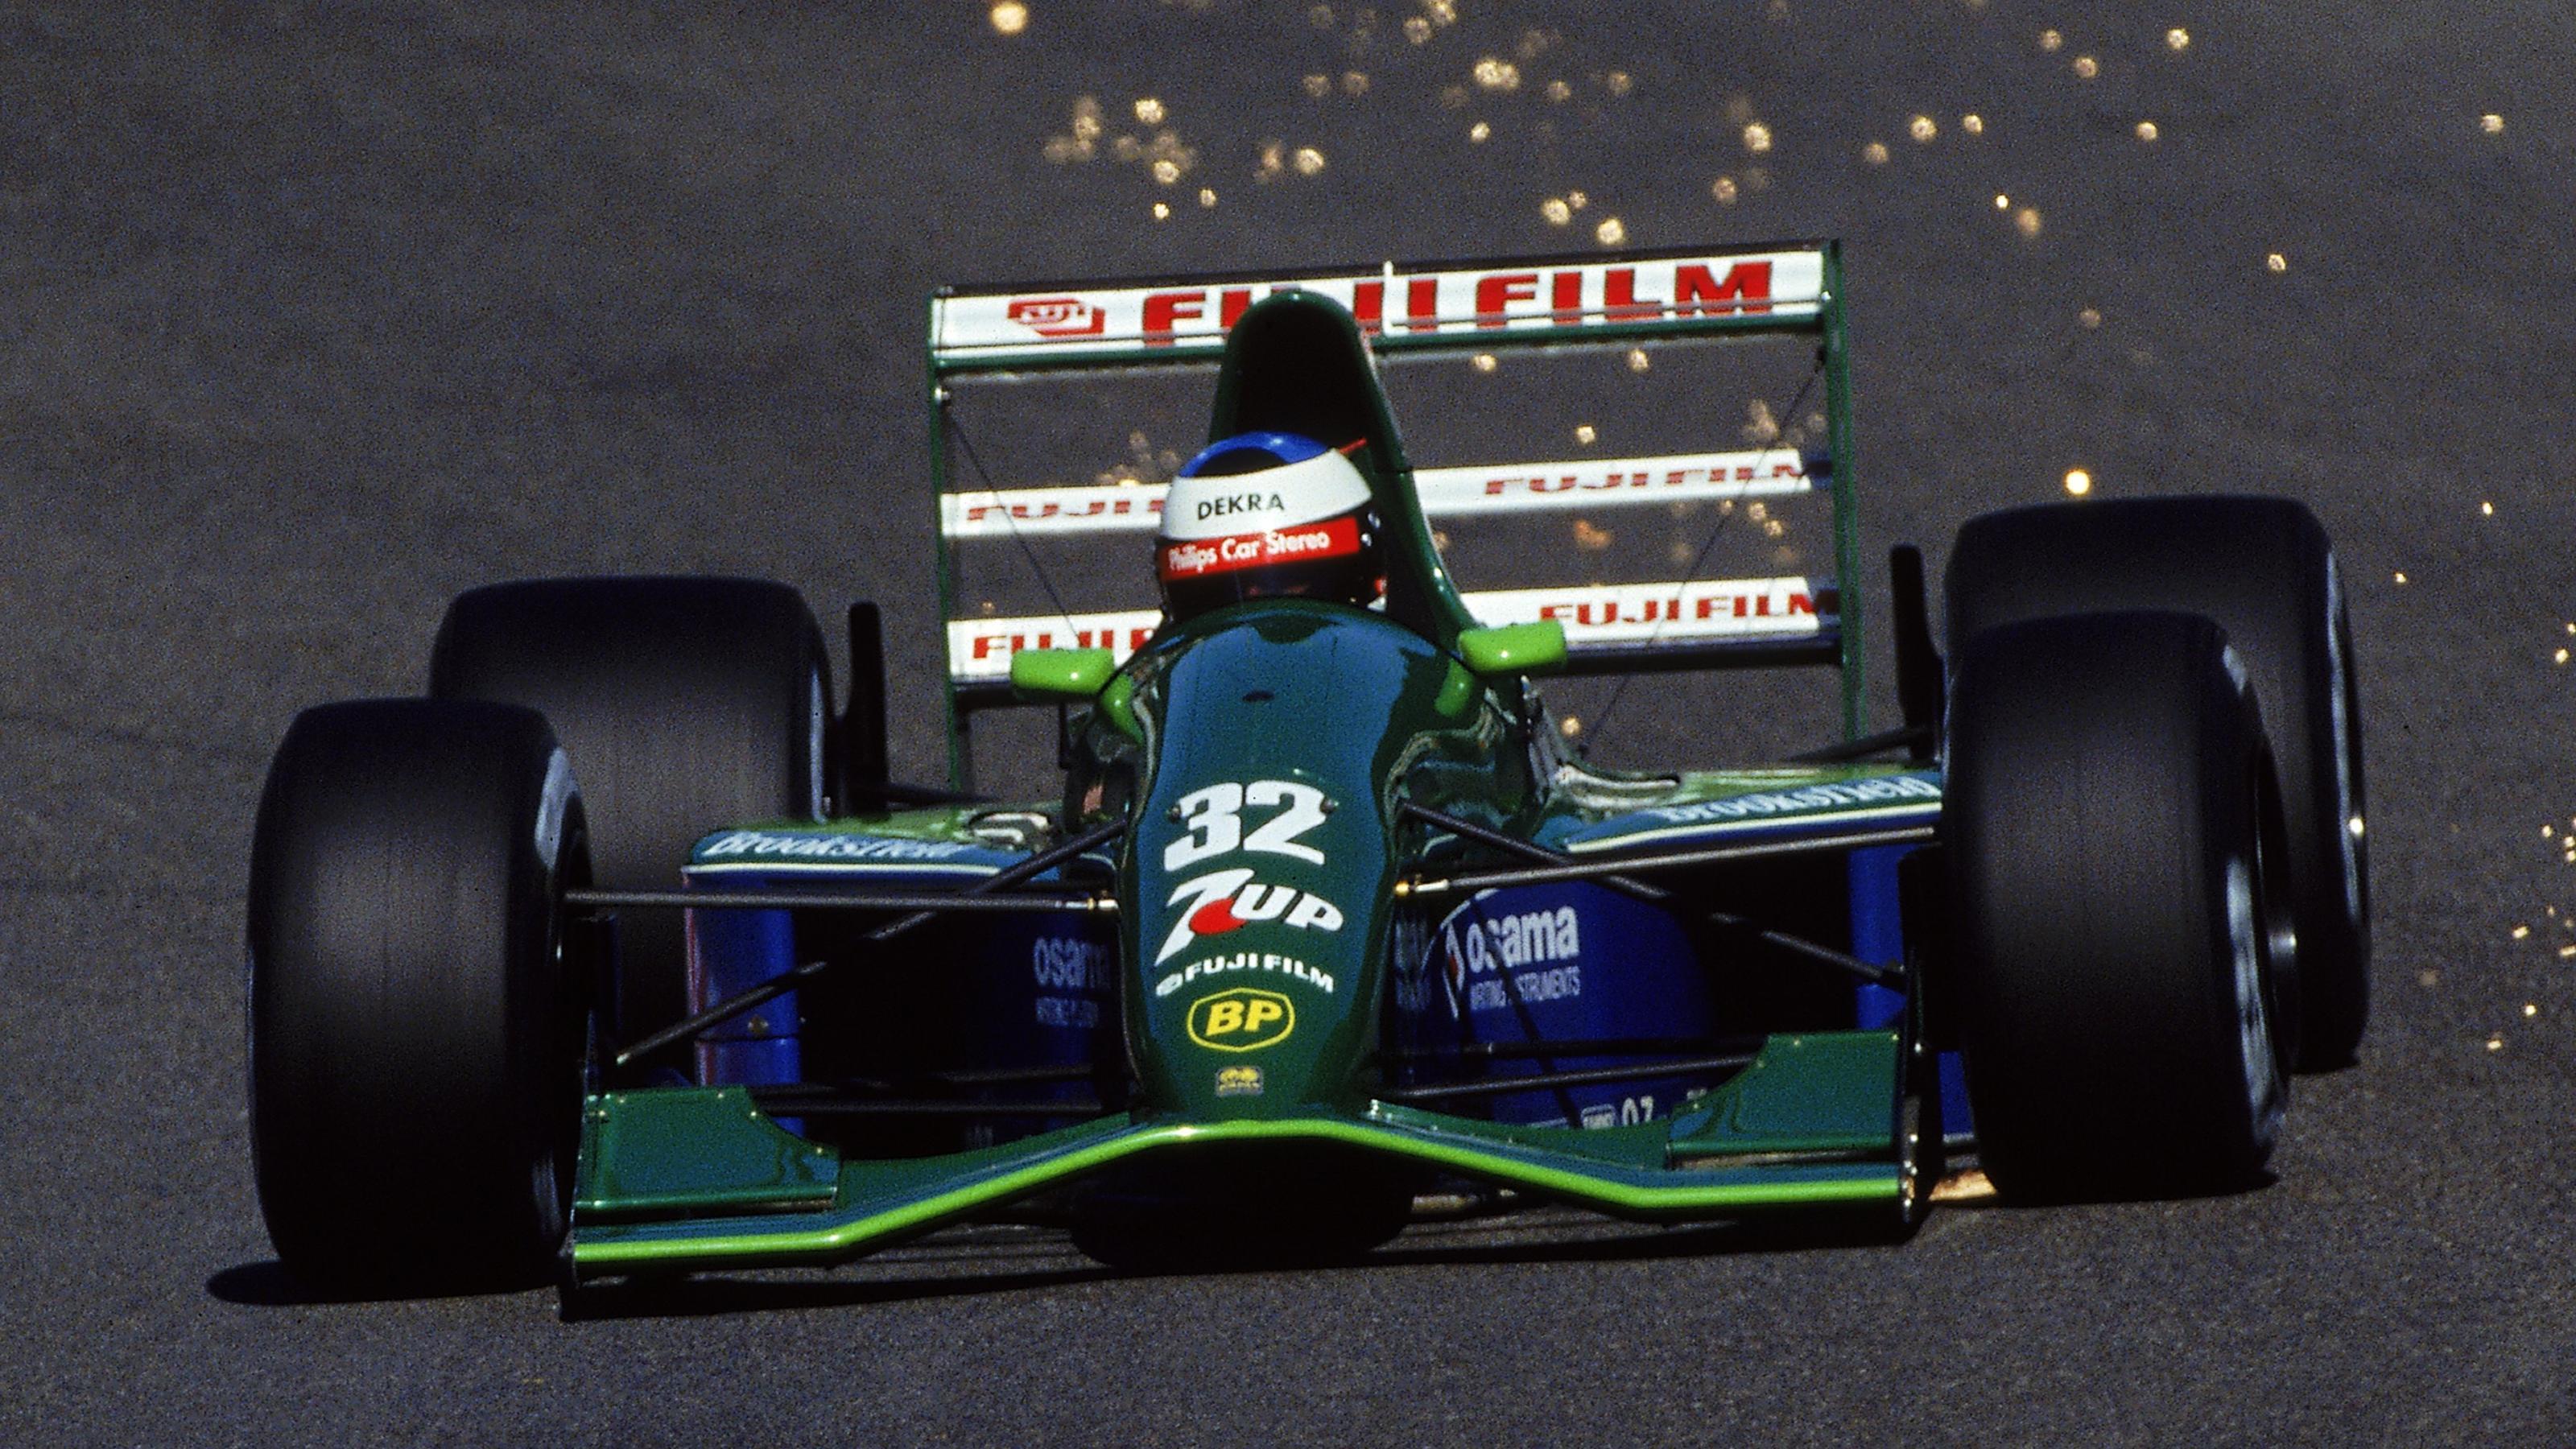 Formel 1: Michael Schumachers legendärer Jordan des Jahres 1991 wird verkauft